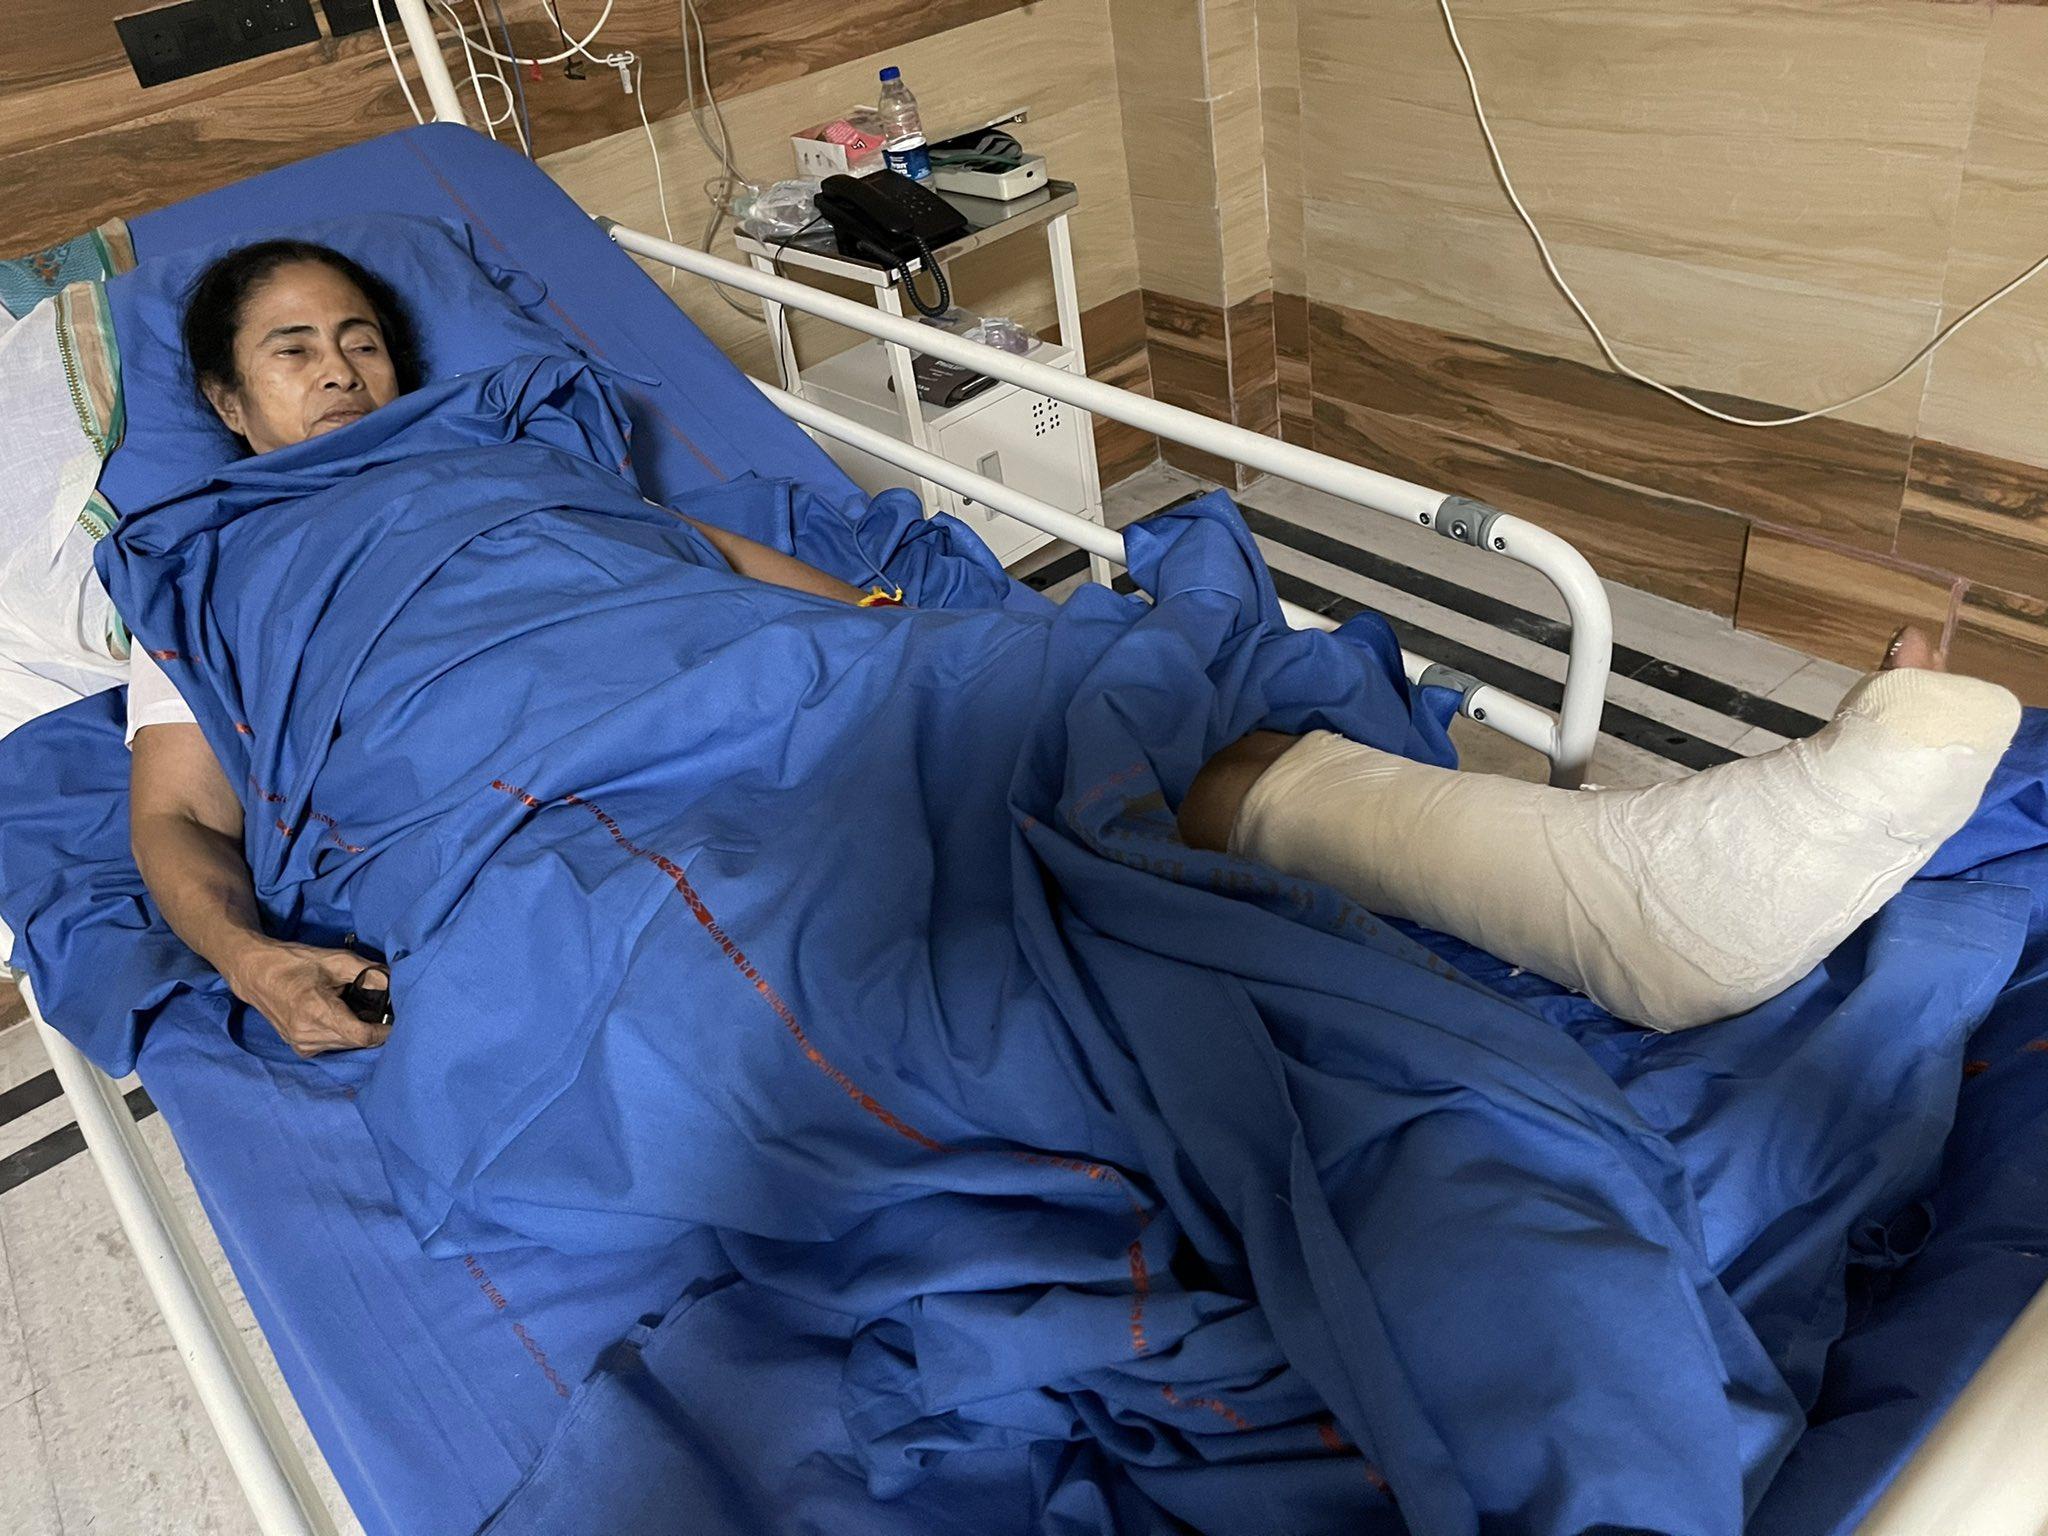 ममता बनर्जी पर हमले के बाद TMC ने जारी किया बयान, कहा- इस तरह का कोई भी हमला...